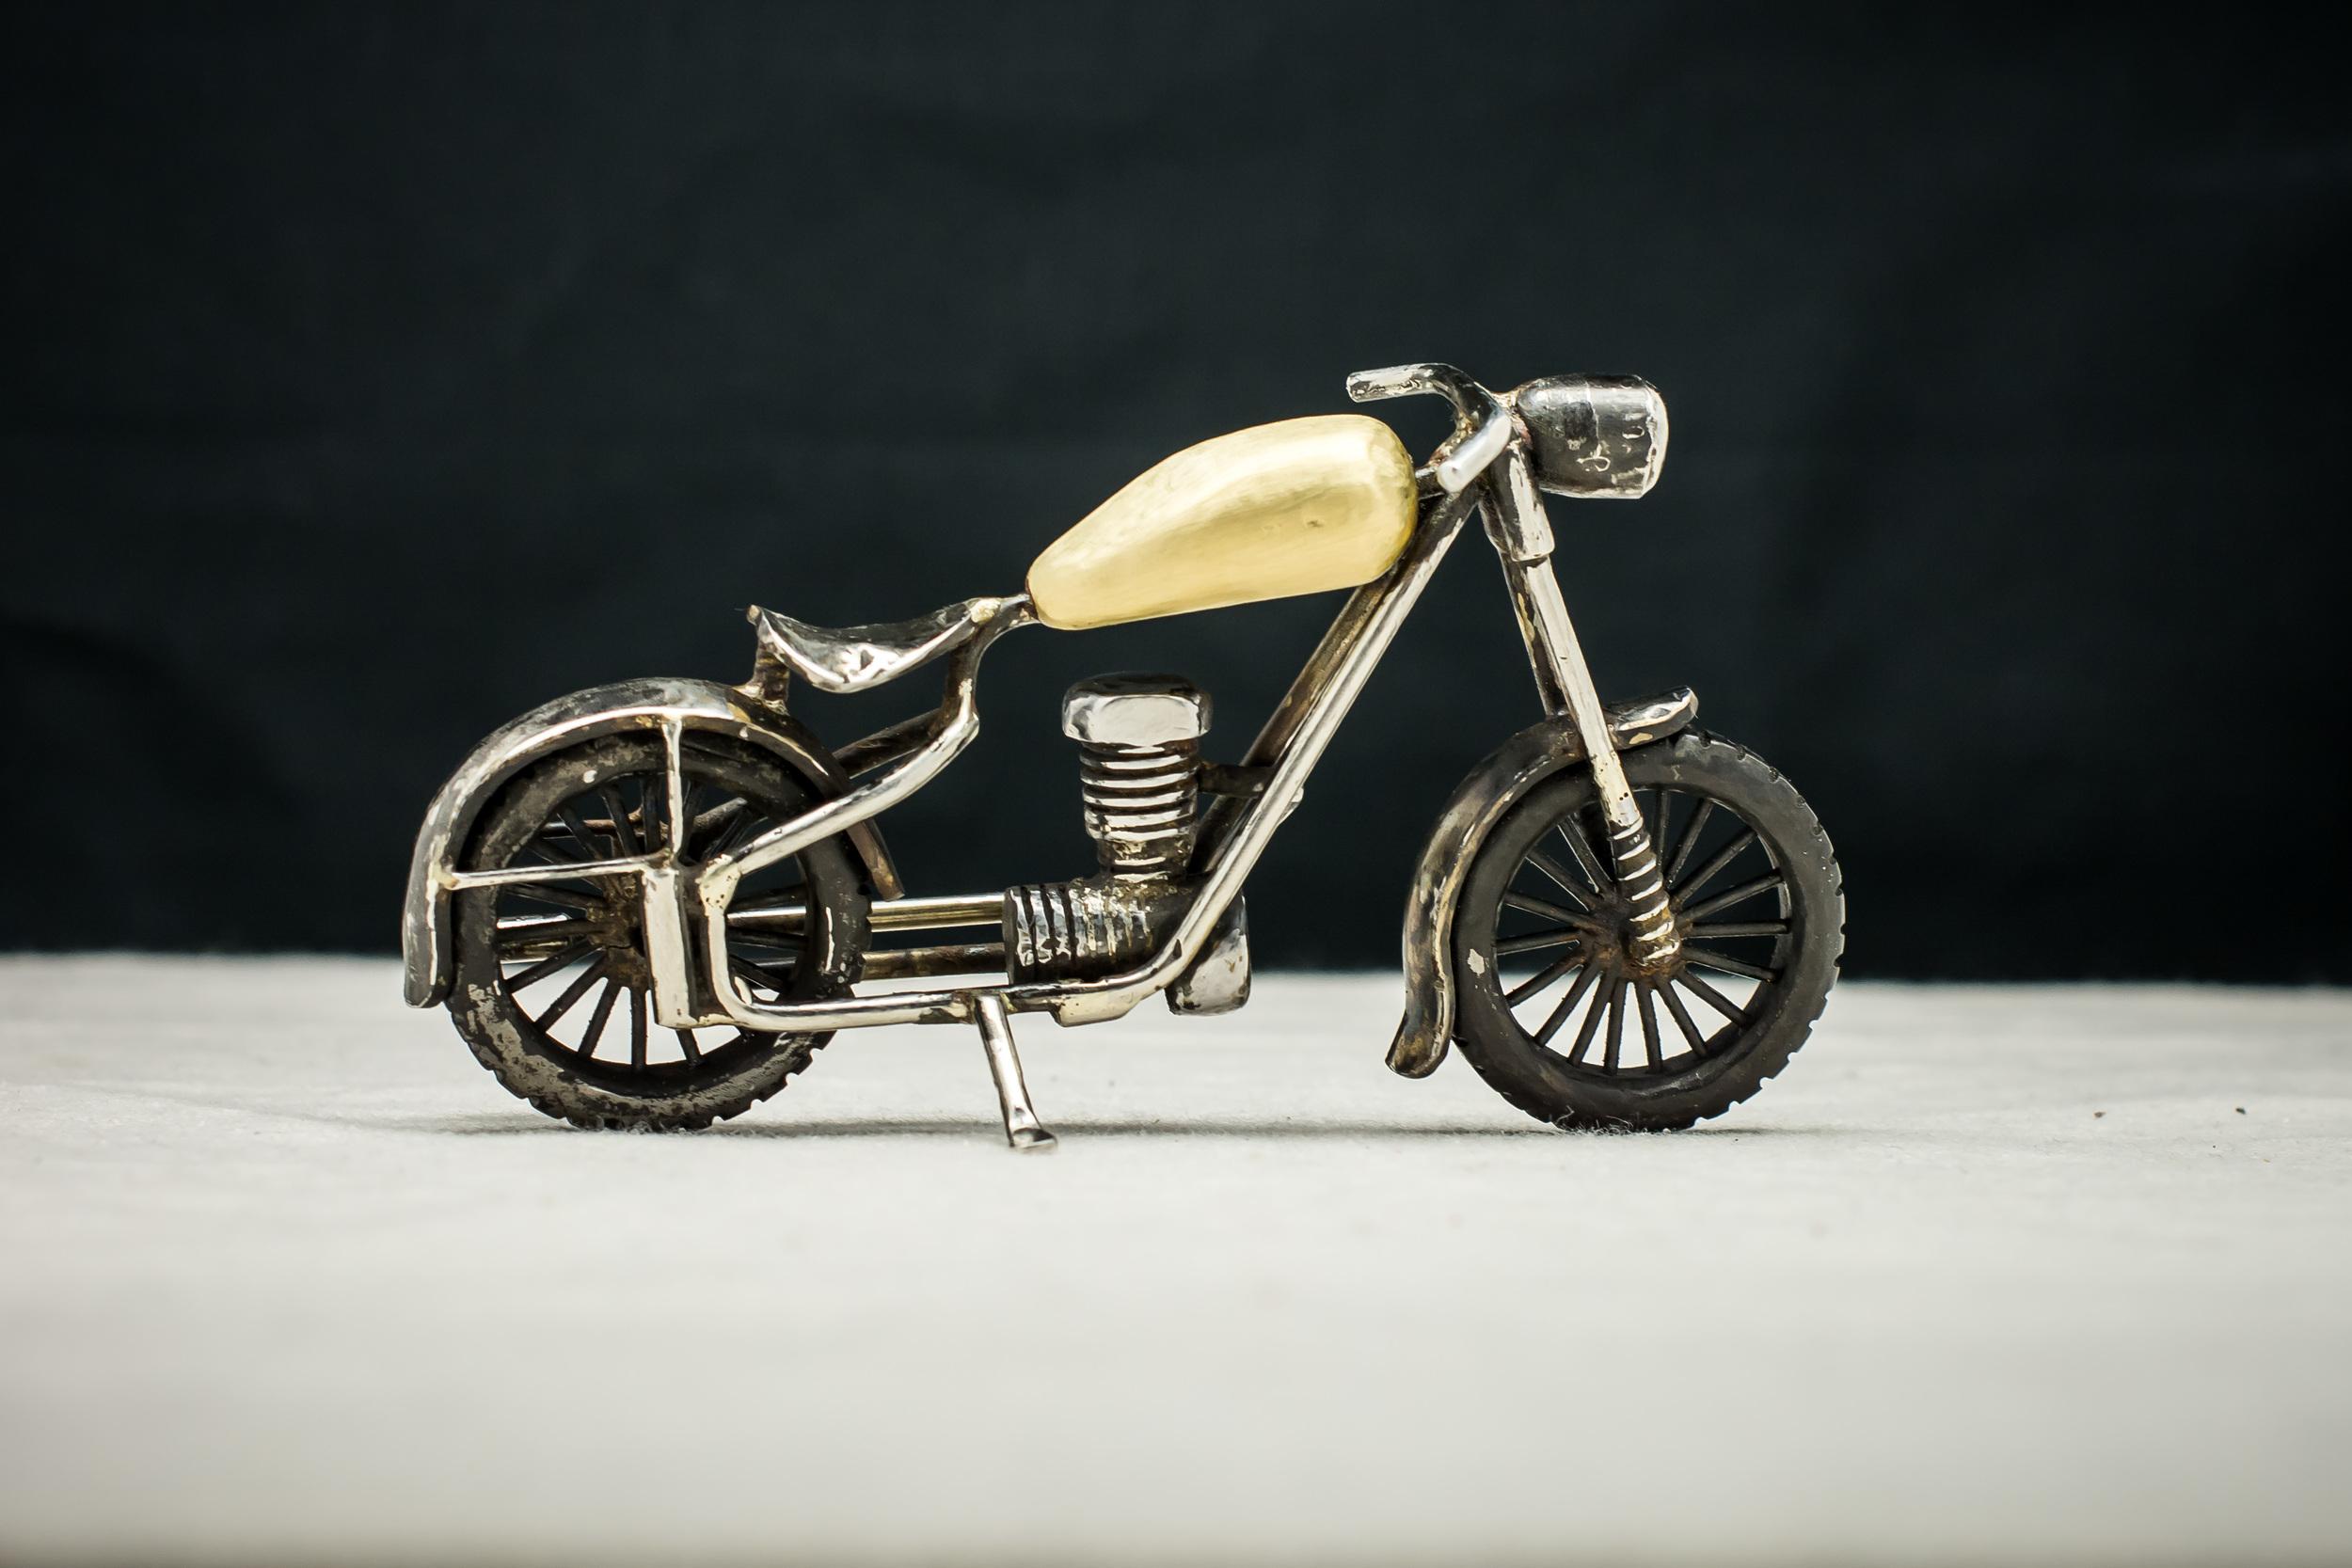 Vintage Motorcycle-5.jpg